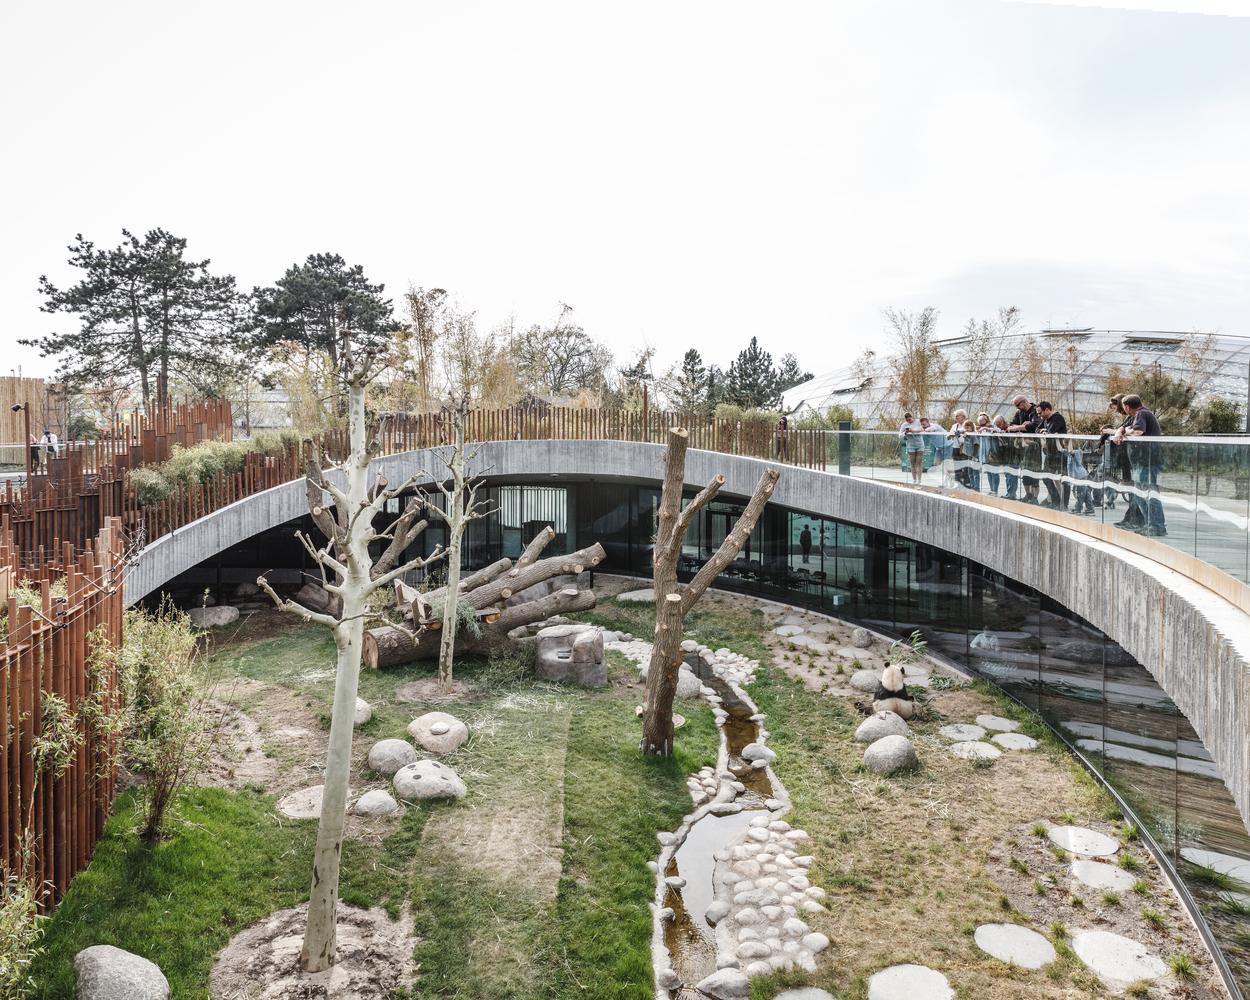 Panda House Observation Center / BIG